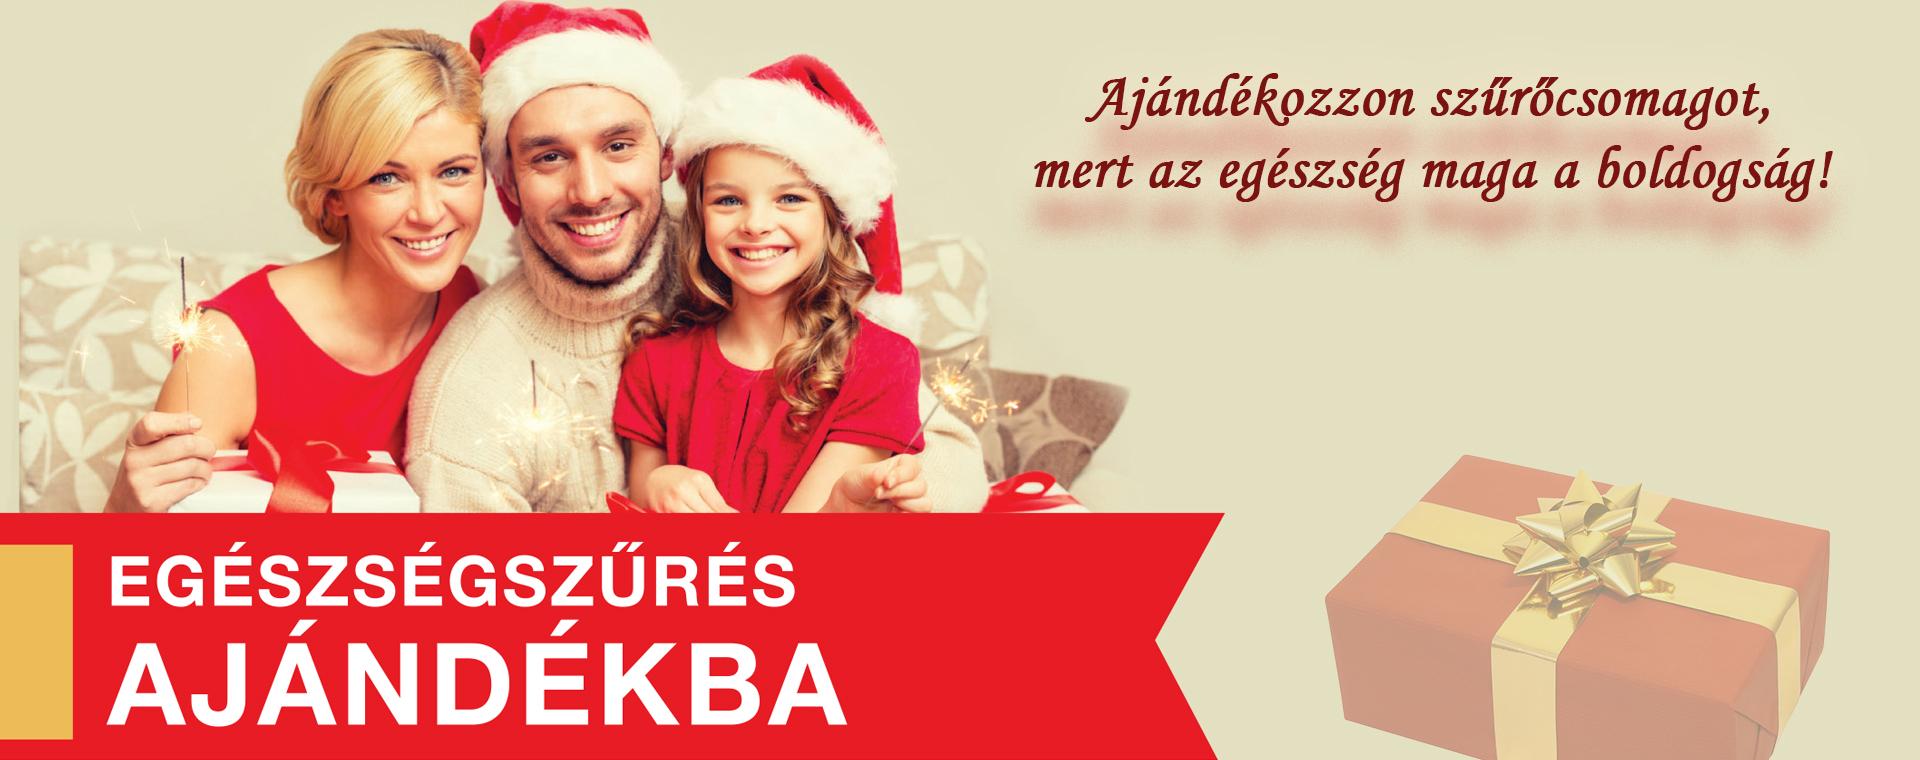 Karácsonyi ajándék: egészségszűrés!